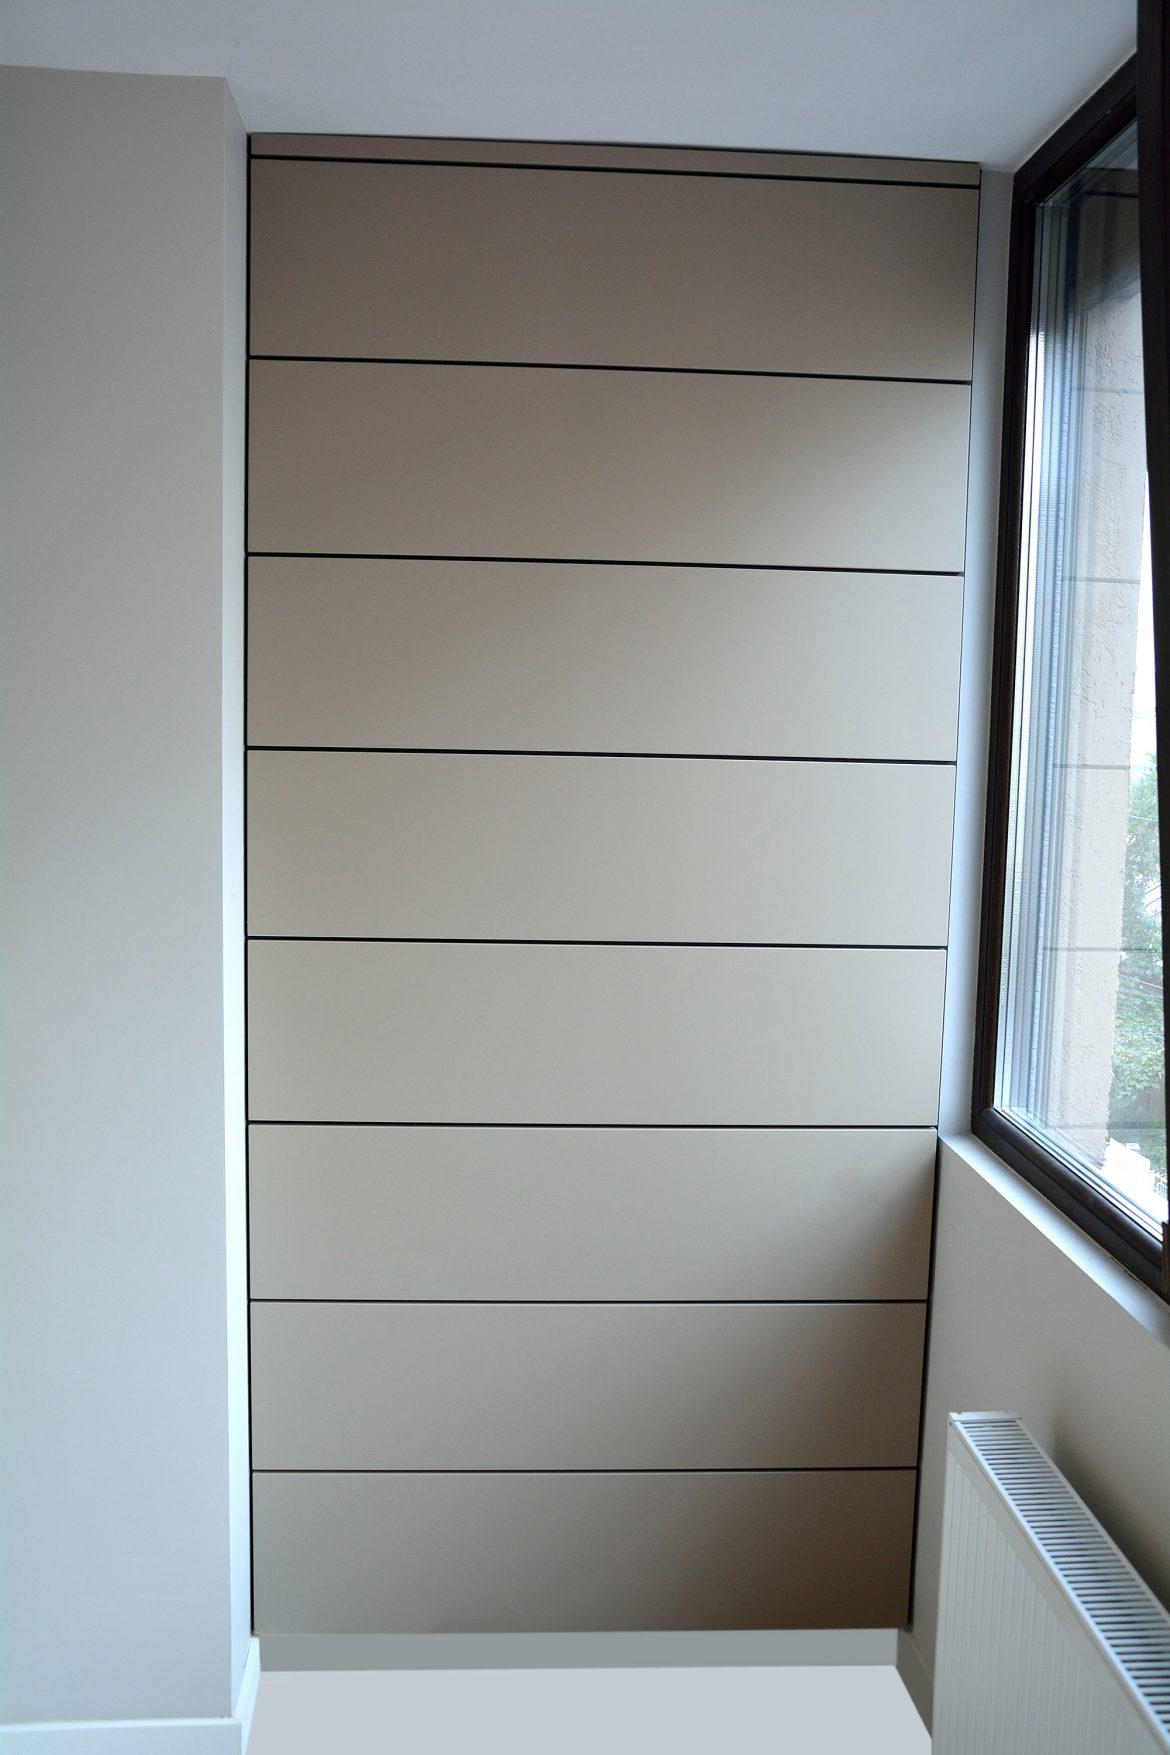 Placare pe perete cu spatiu intre placi de 7 mm